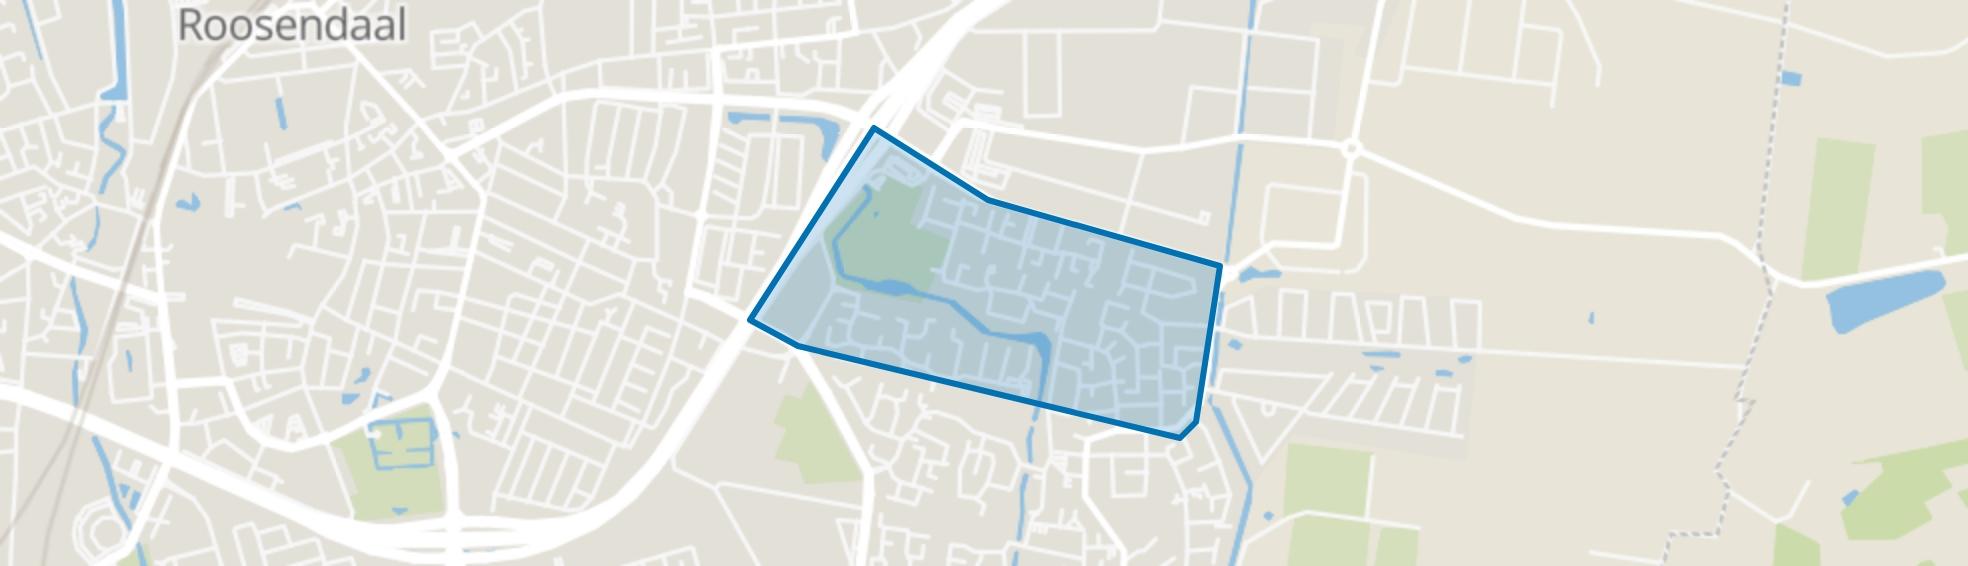 Kortendijk C, Roosendaal map